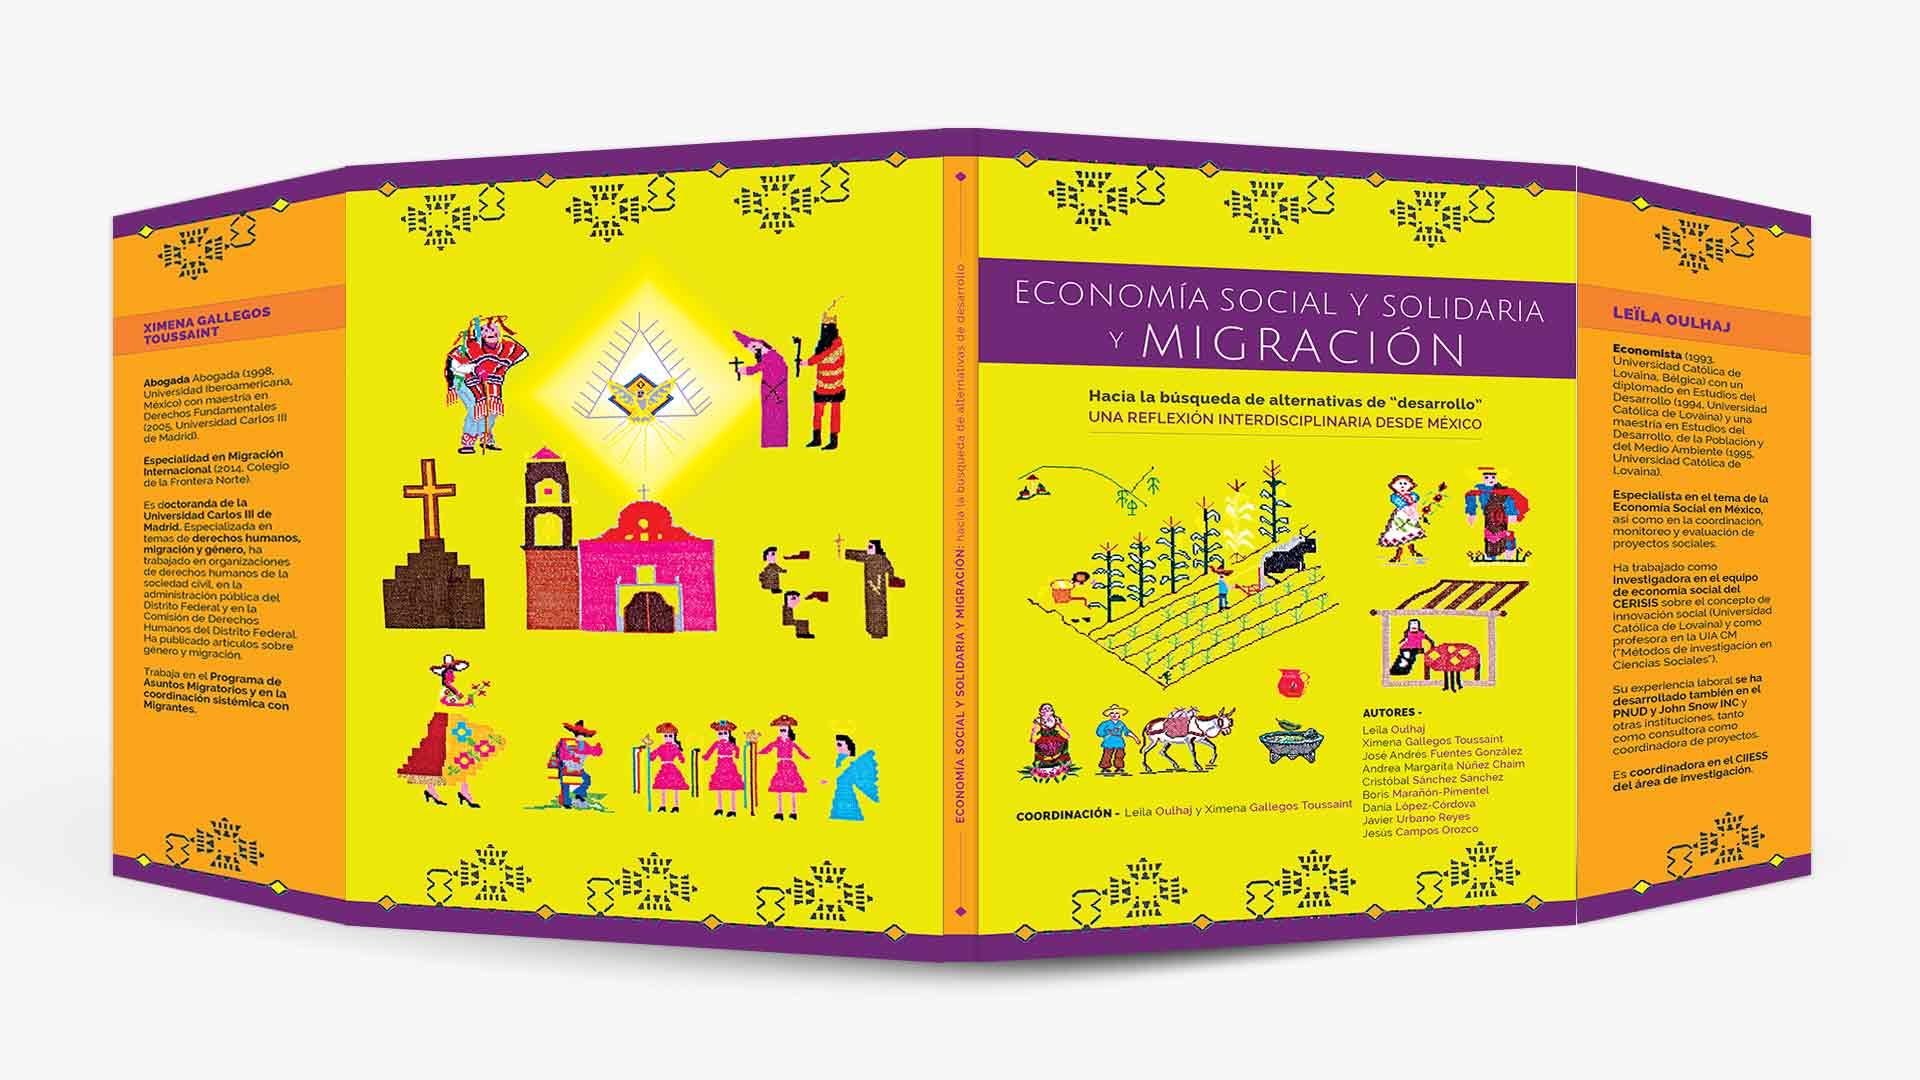 diseño gráfico de portada amarilla con adaptación de bordado original